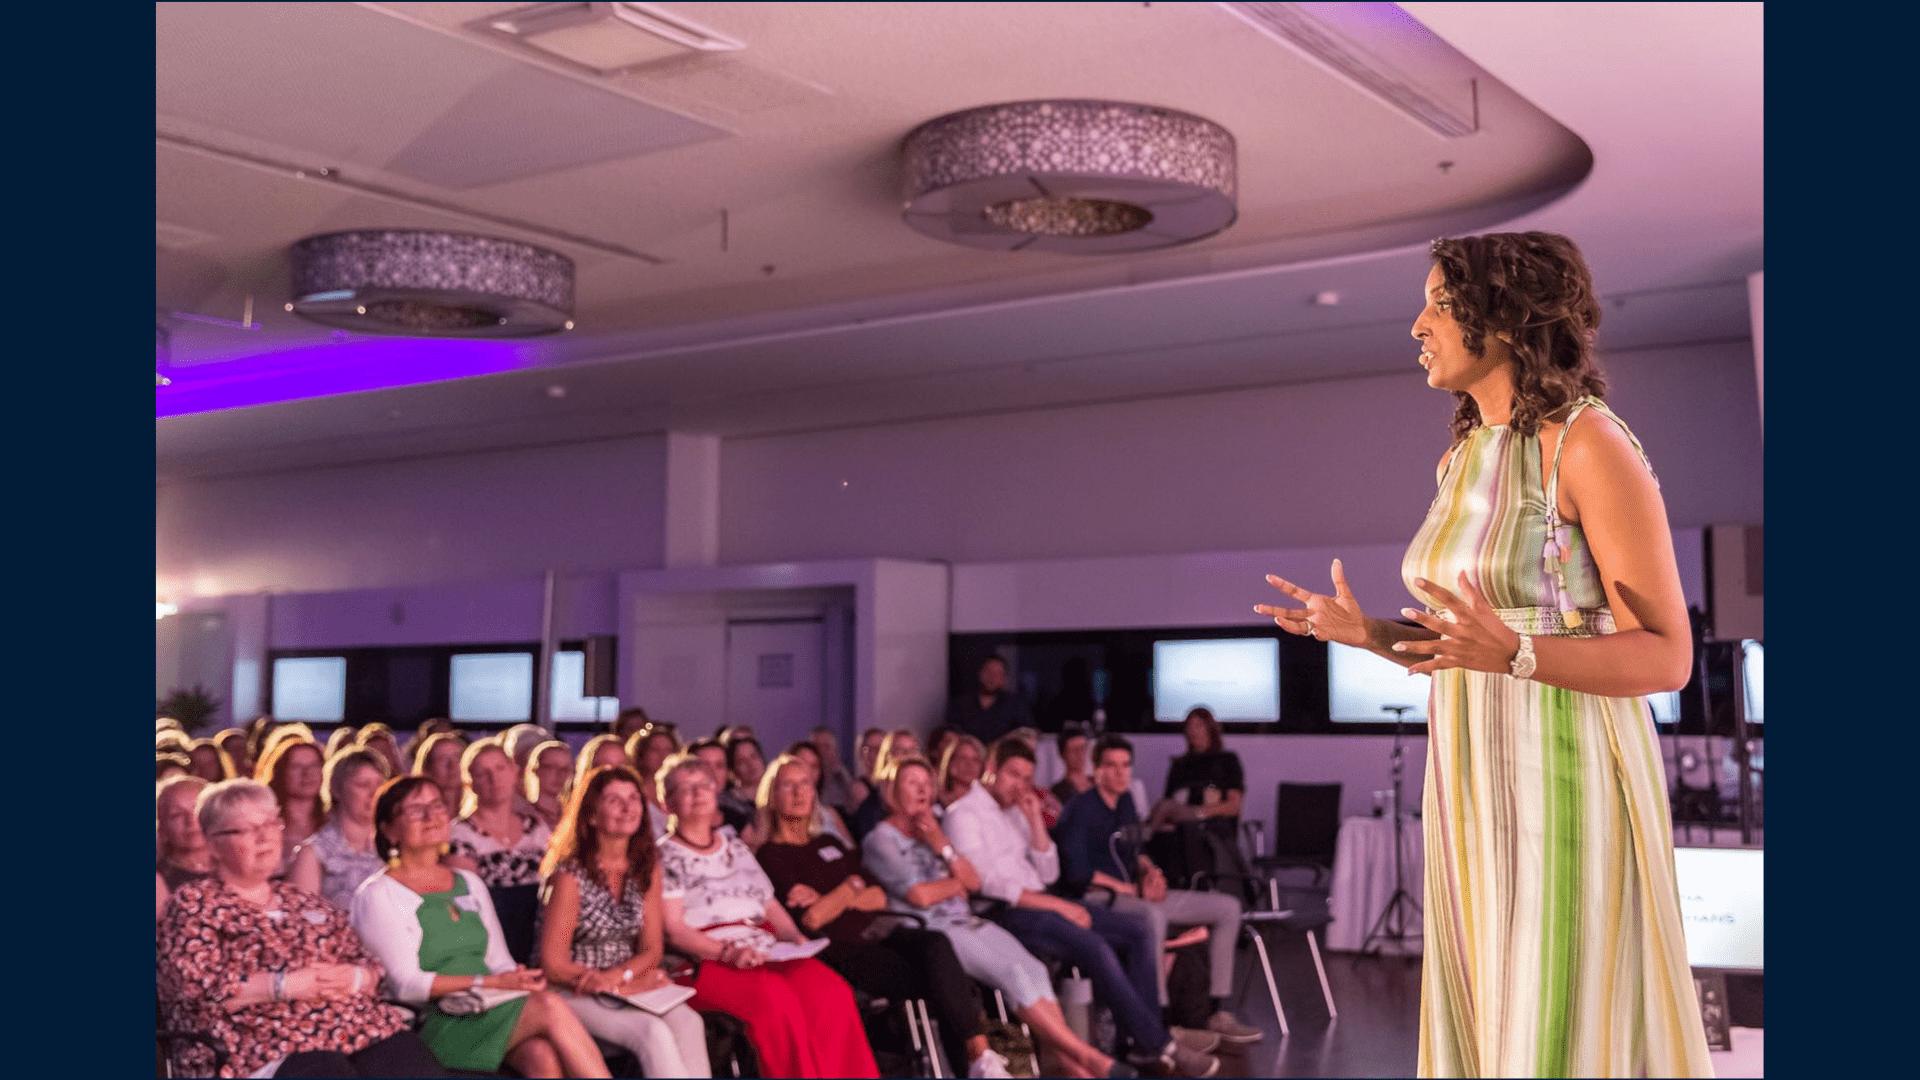 Bild zeigt Sabina Kocherhans in längs bunt gestreiftem langen Kleid auf der Bühne während ihrer Keynote beim Feminss-Kongress 2018